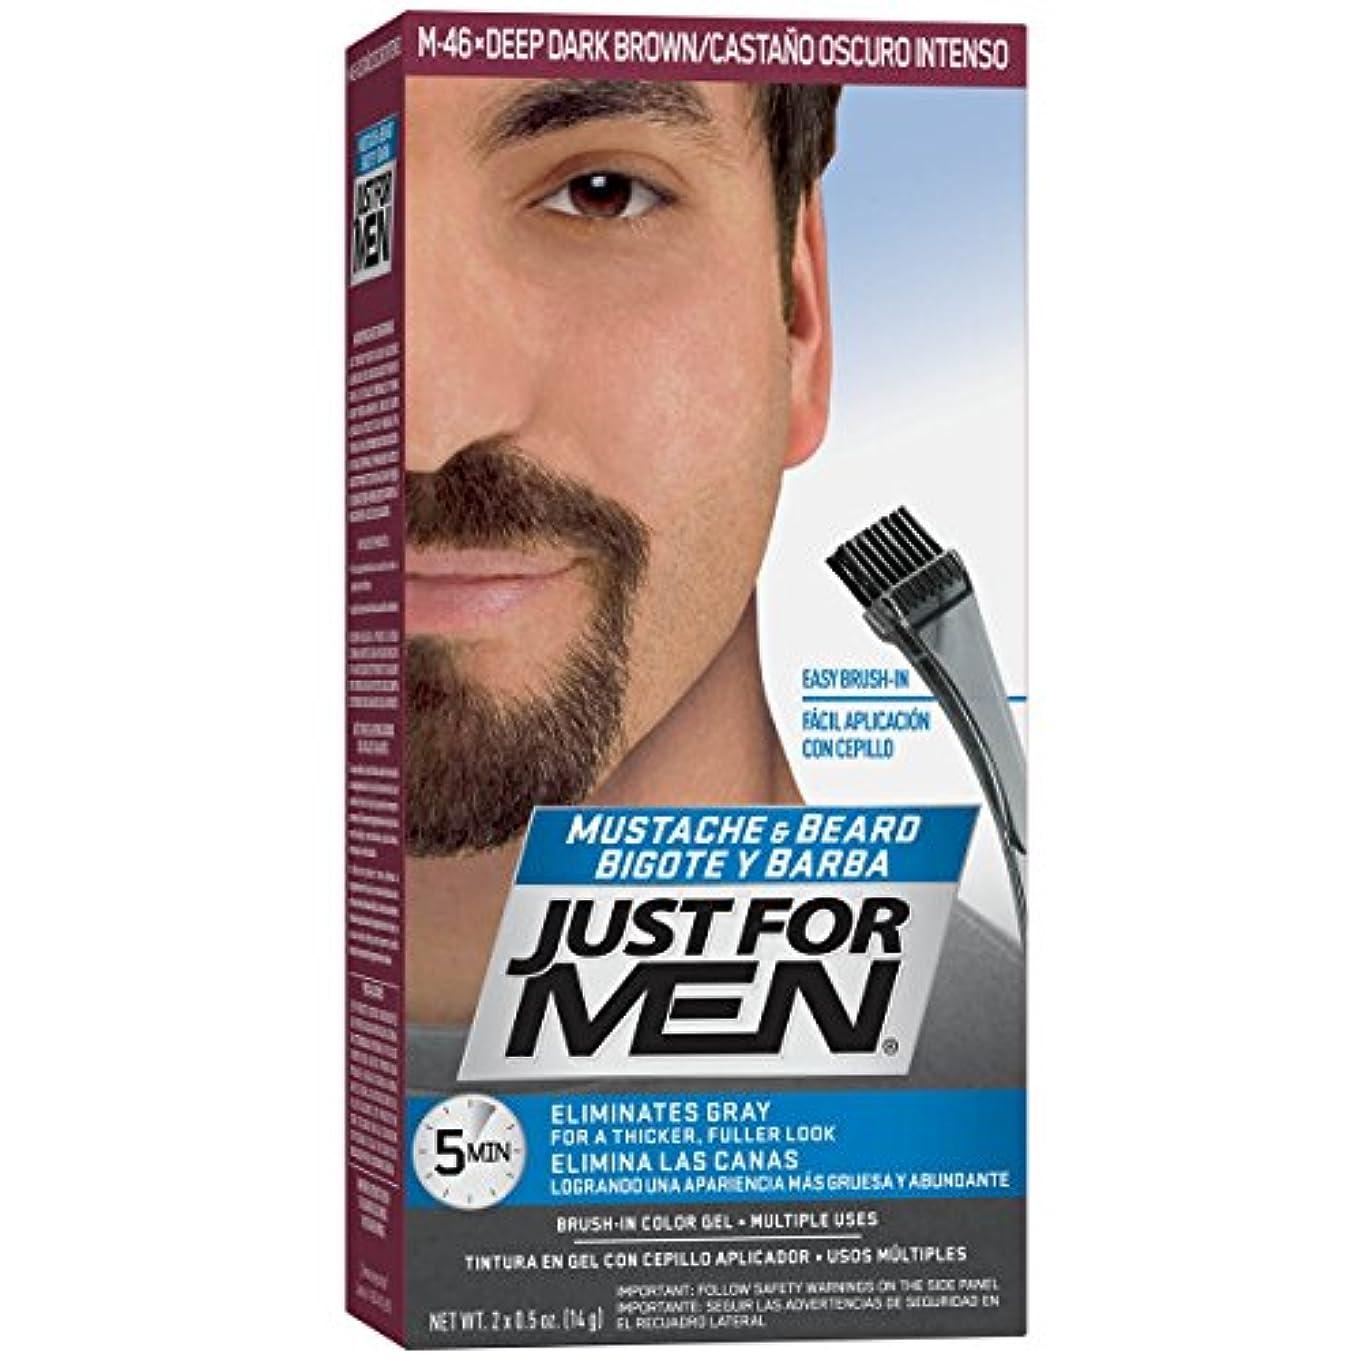 水族館トーナメントうまくいけばJust for Men 口ひげ&髭ブラシ-のカラージェル、ディープダークブラウン(梱包が変更になる場合があります)